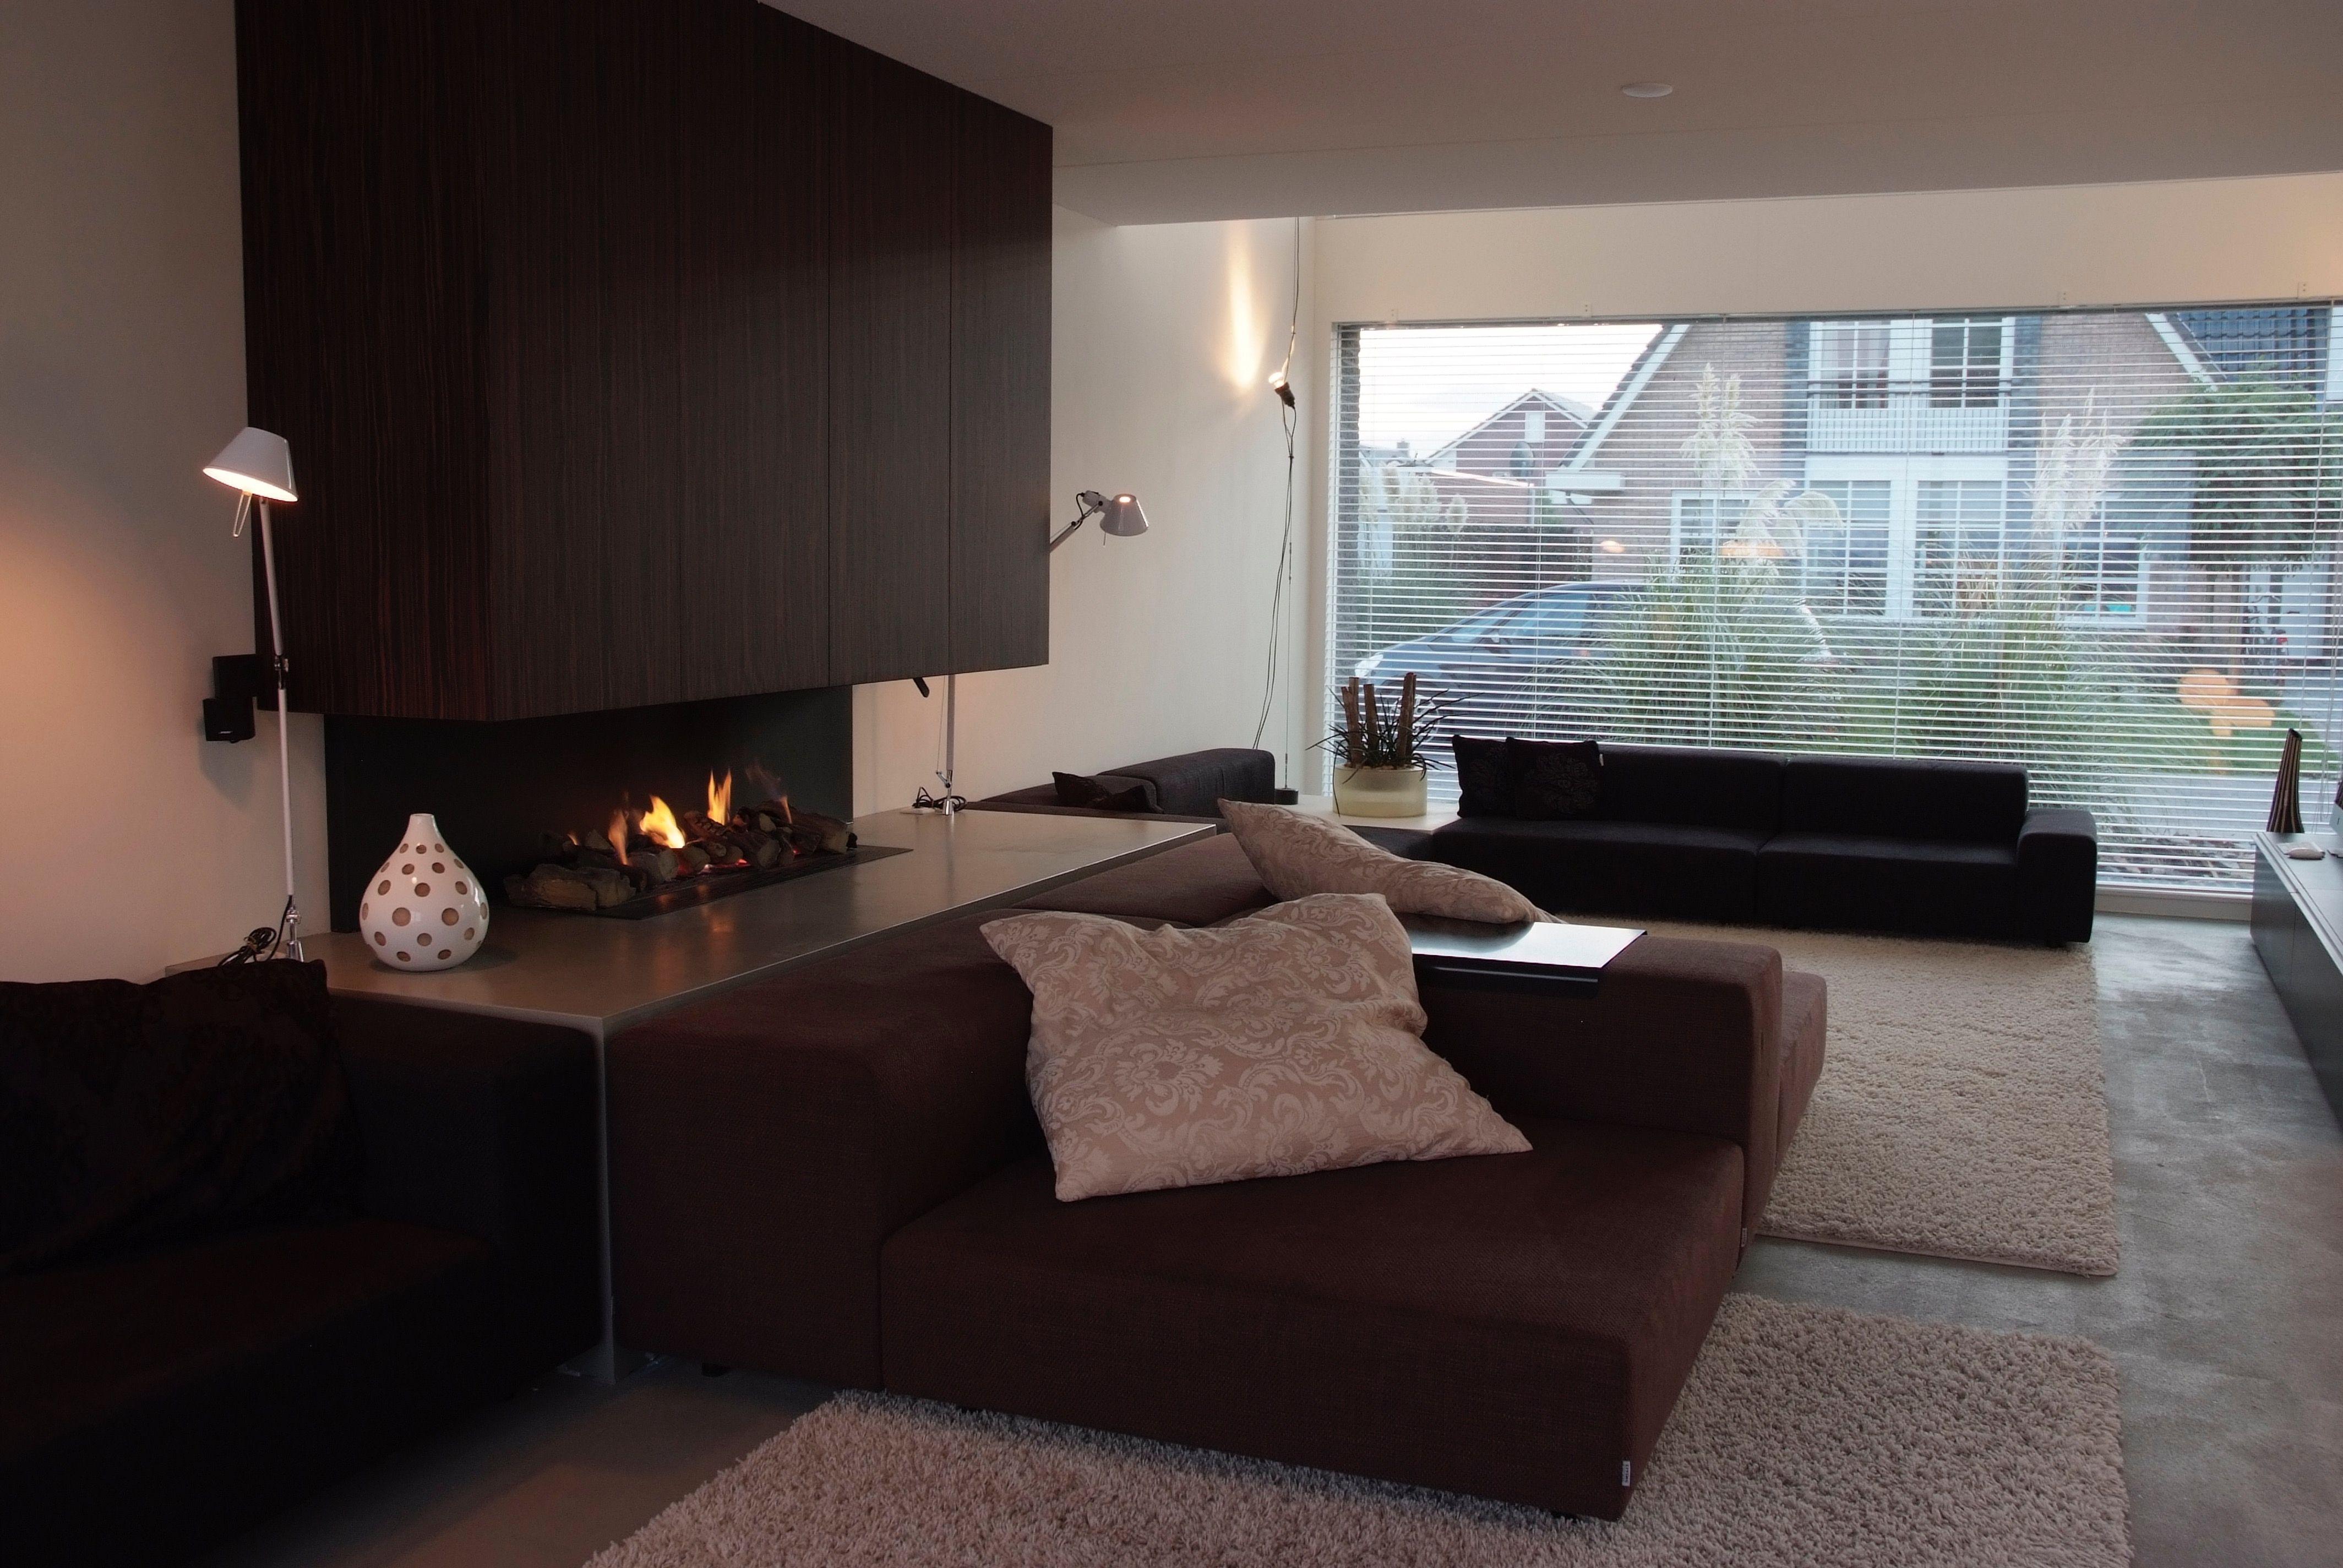 interieurdesign / woonkamer / haard / maatwerk / living ...